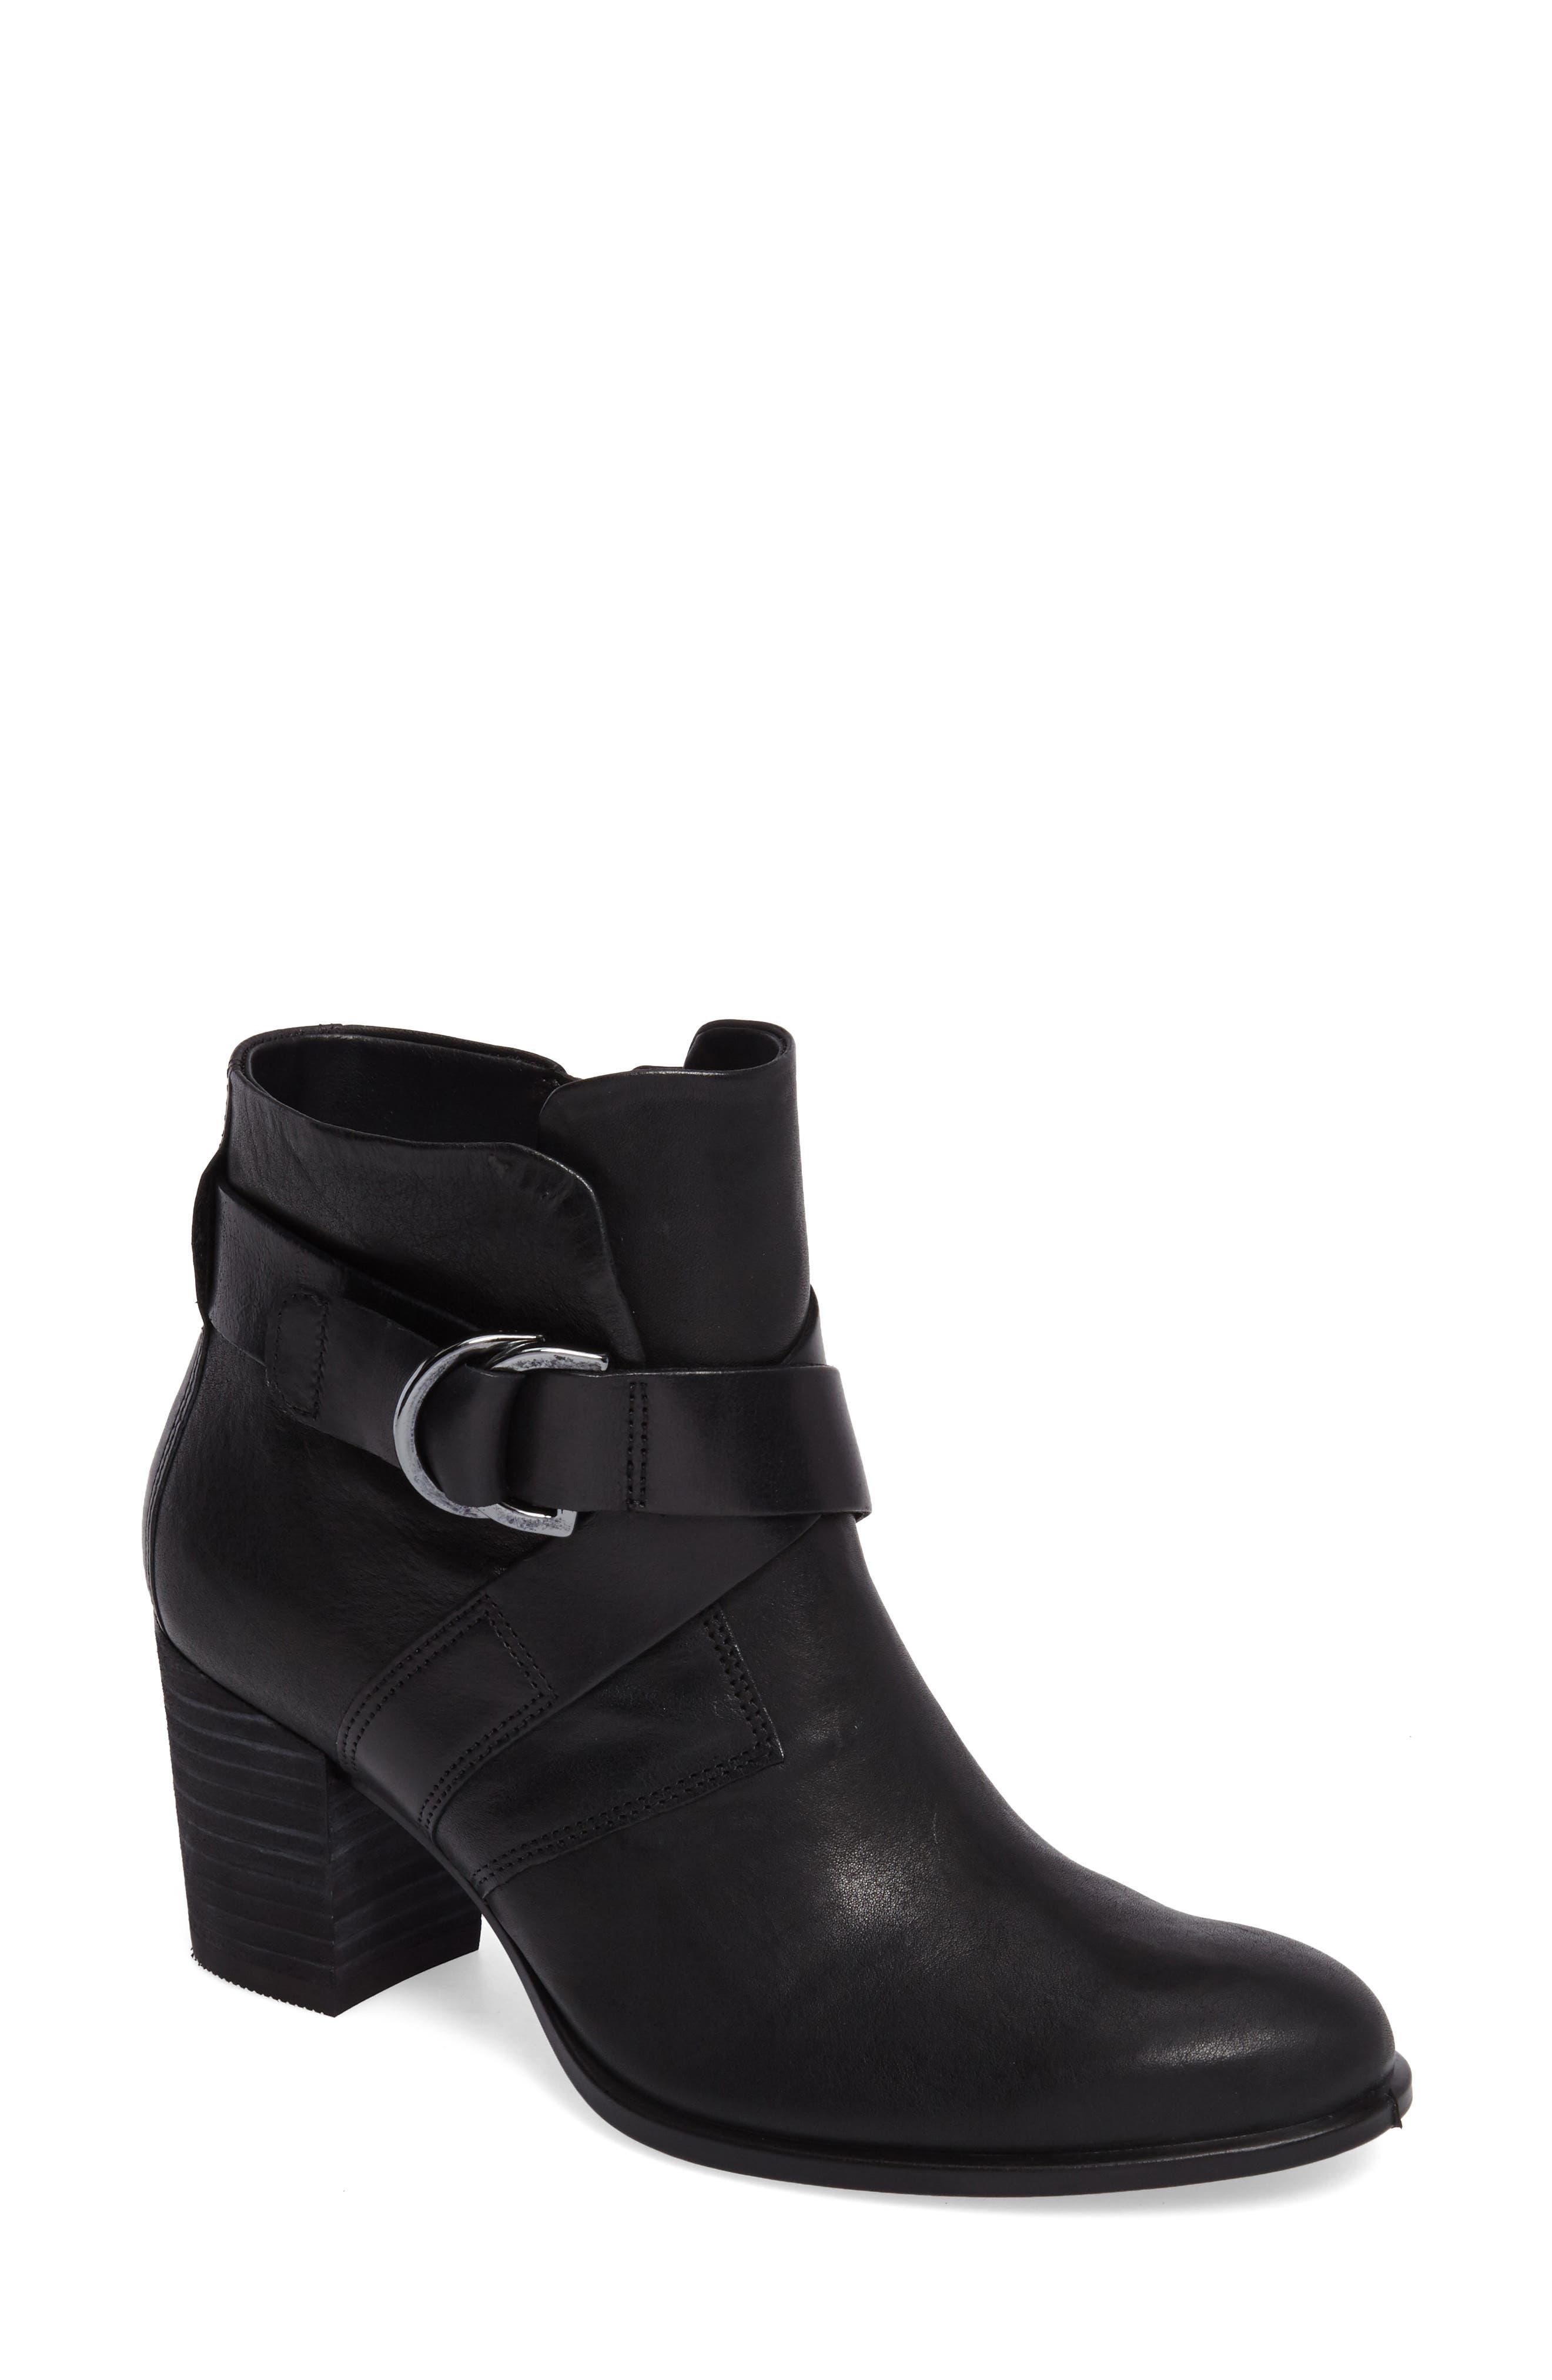 Main Image - ECCO Shape 55 Block Heel Bootie (Women)